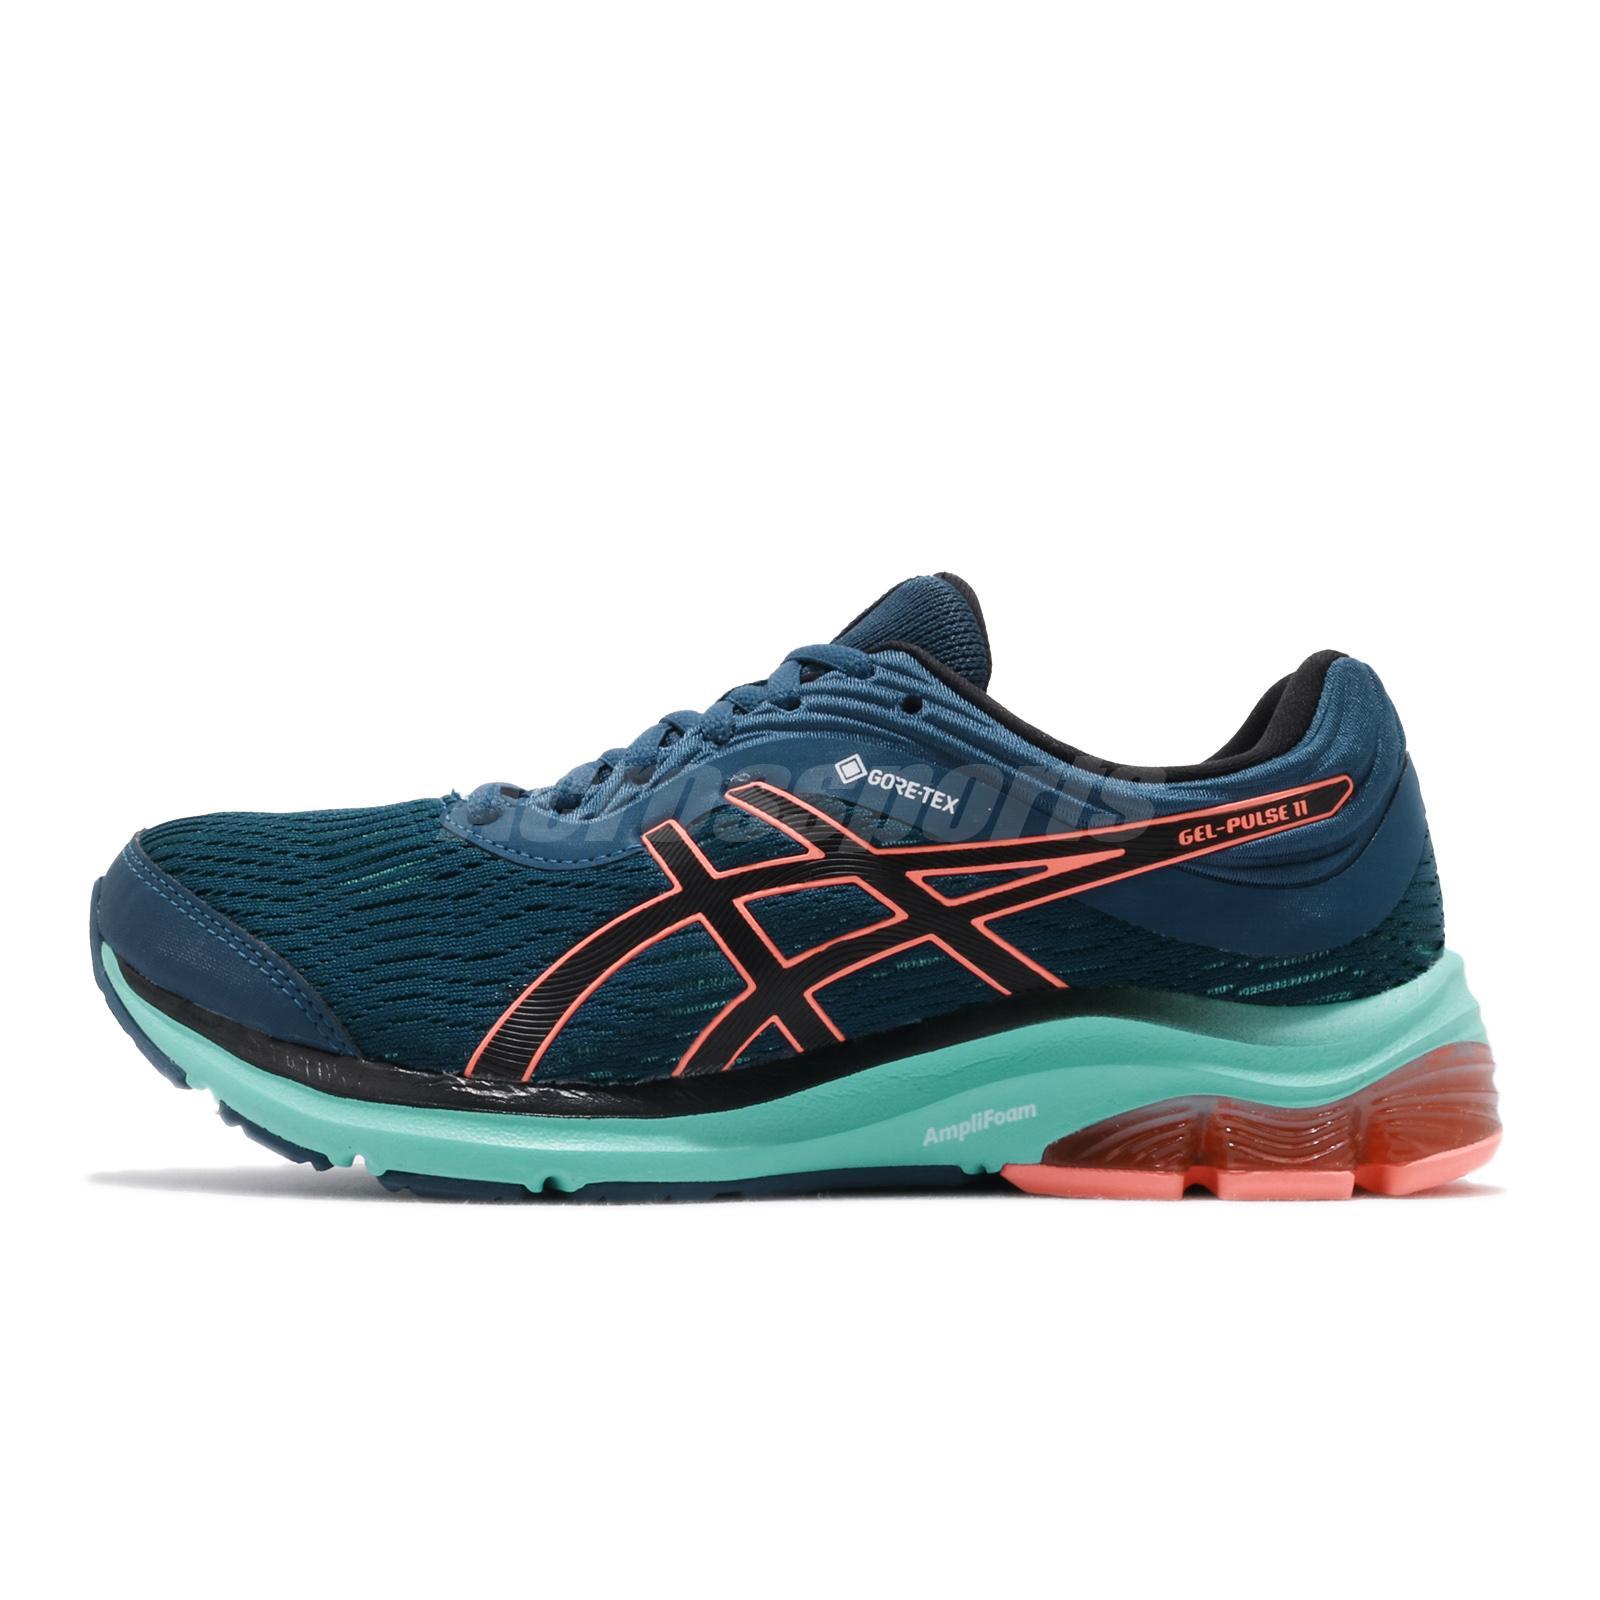 432cdac5c6 Details about Asics Gel-Pulse 11 GTX Gore-Tex Mako Blue Coral Women Running  Shoes 1012A483-400